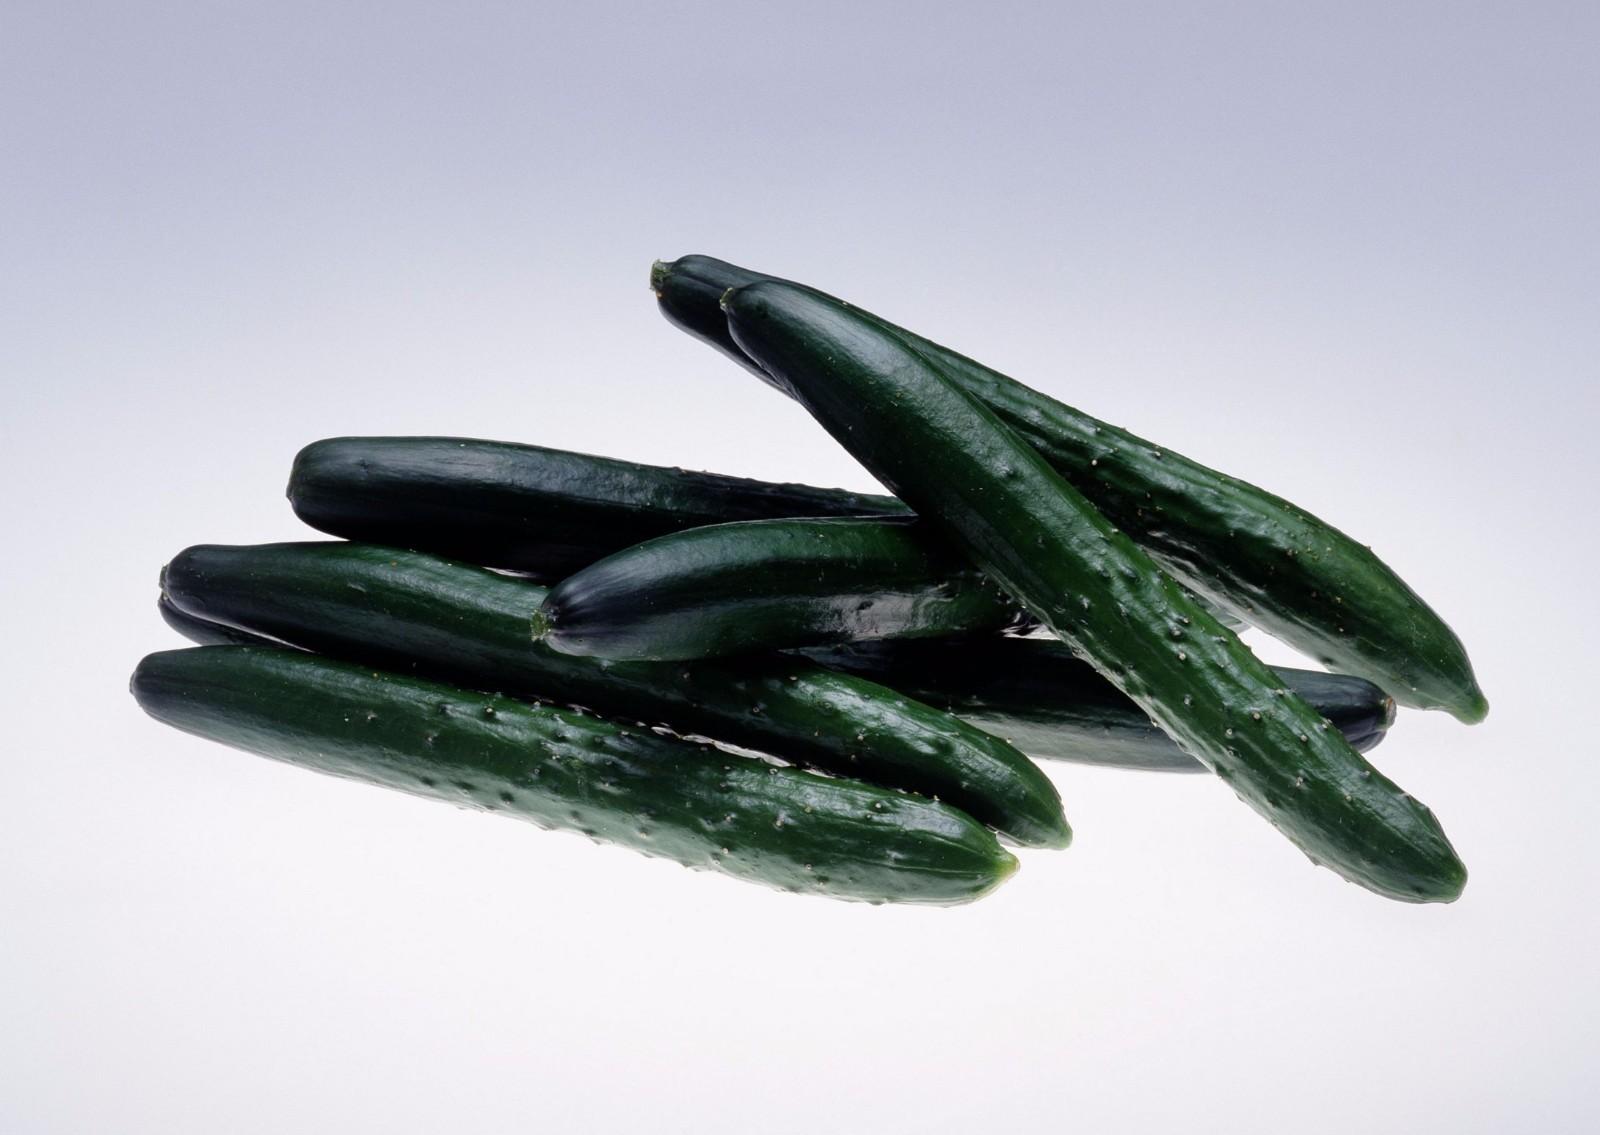 安徽一公司以发放免费蔬菜为饵 骗百名老人千万 - 周公乐 - xinhua8848 的博客